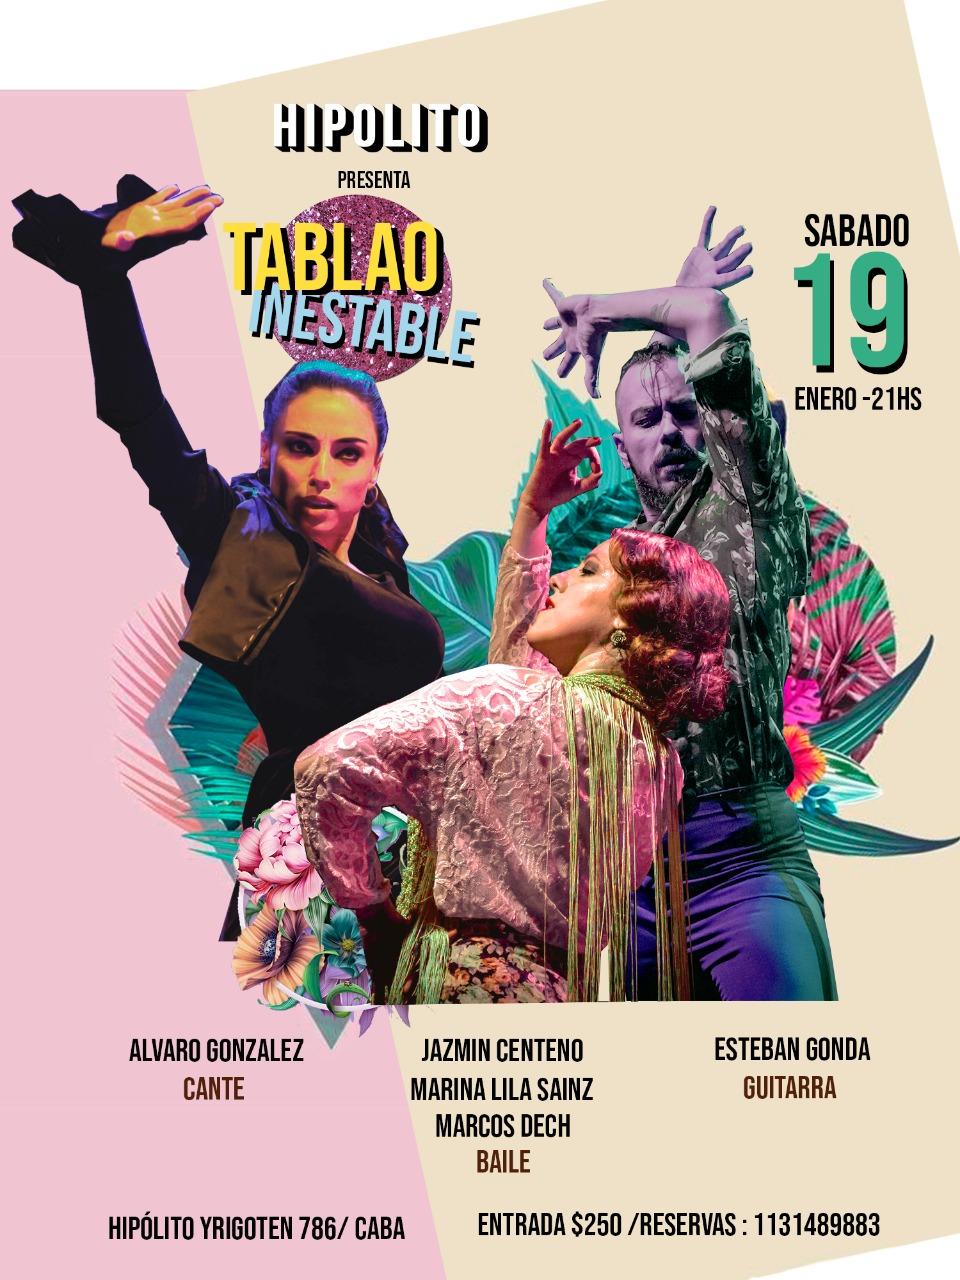 Jazmín Centeno la bailaora de flamenco argentina presenta su nuevo show en Buenos Aires